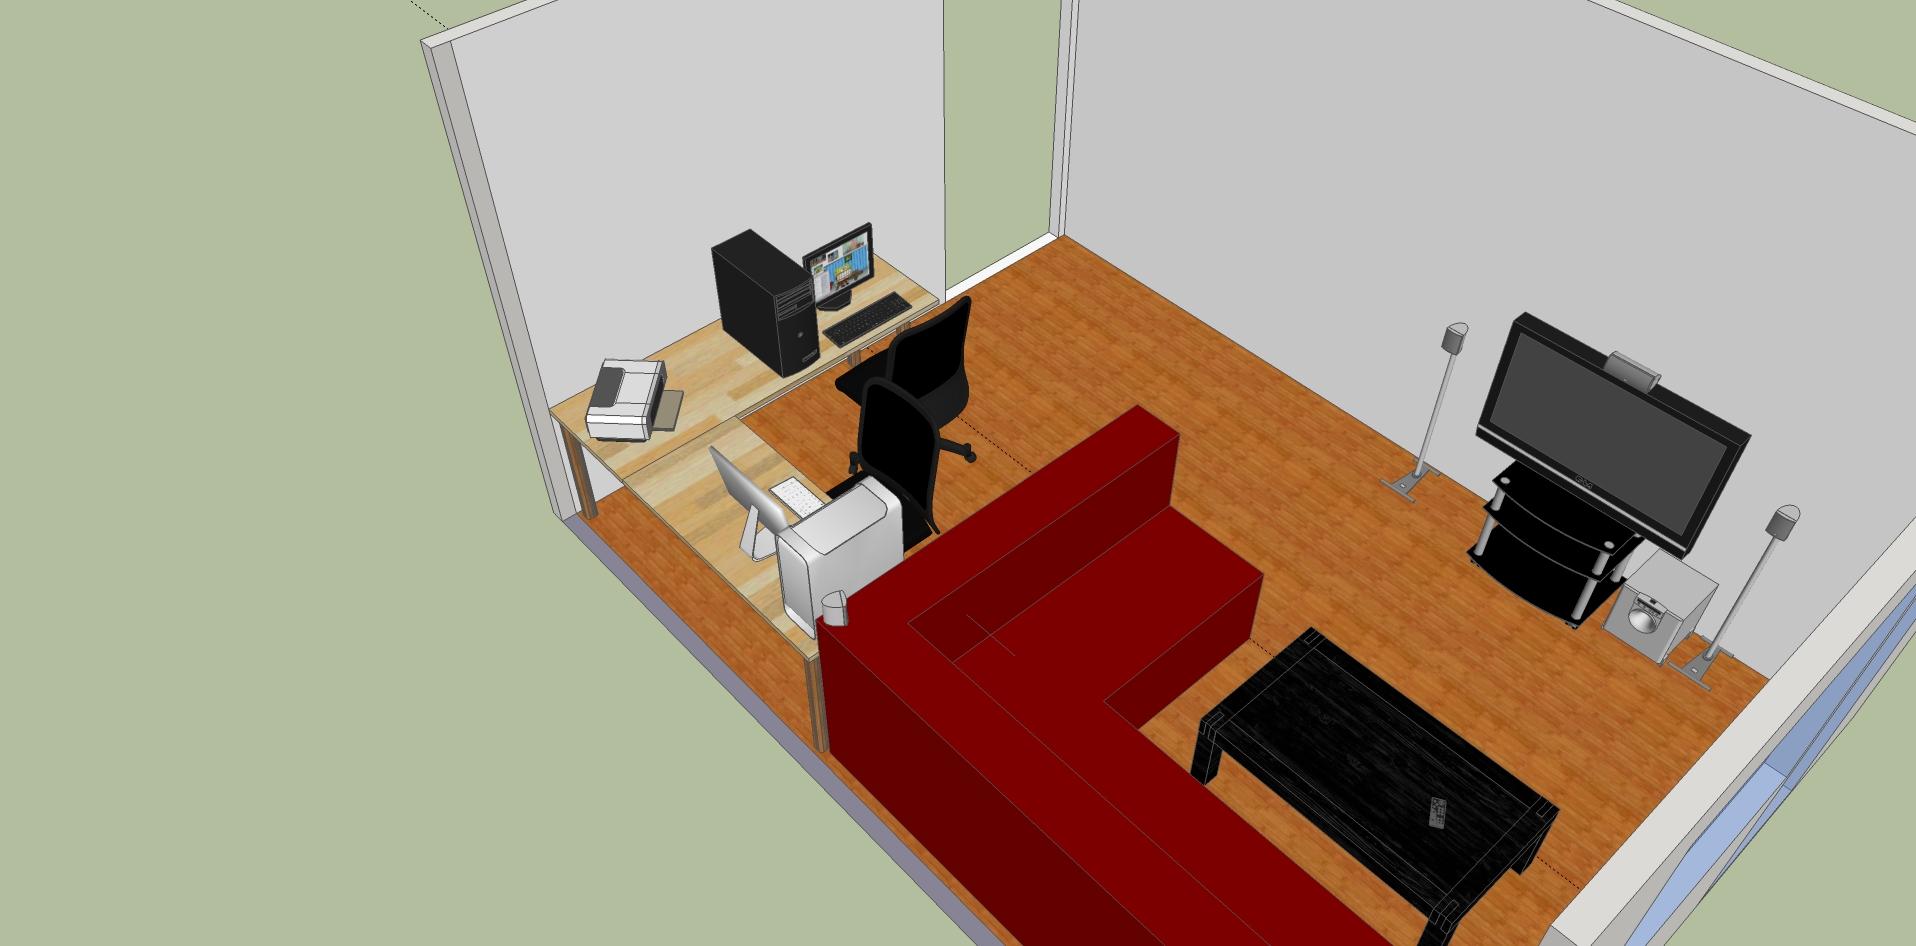 farbige arbeitsplatte f r schreibtisch selbstbau. Black Bedroom Furniture Sets. Home Design Ideas